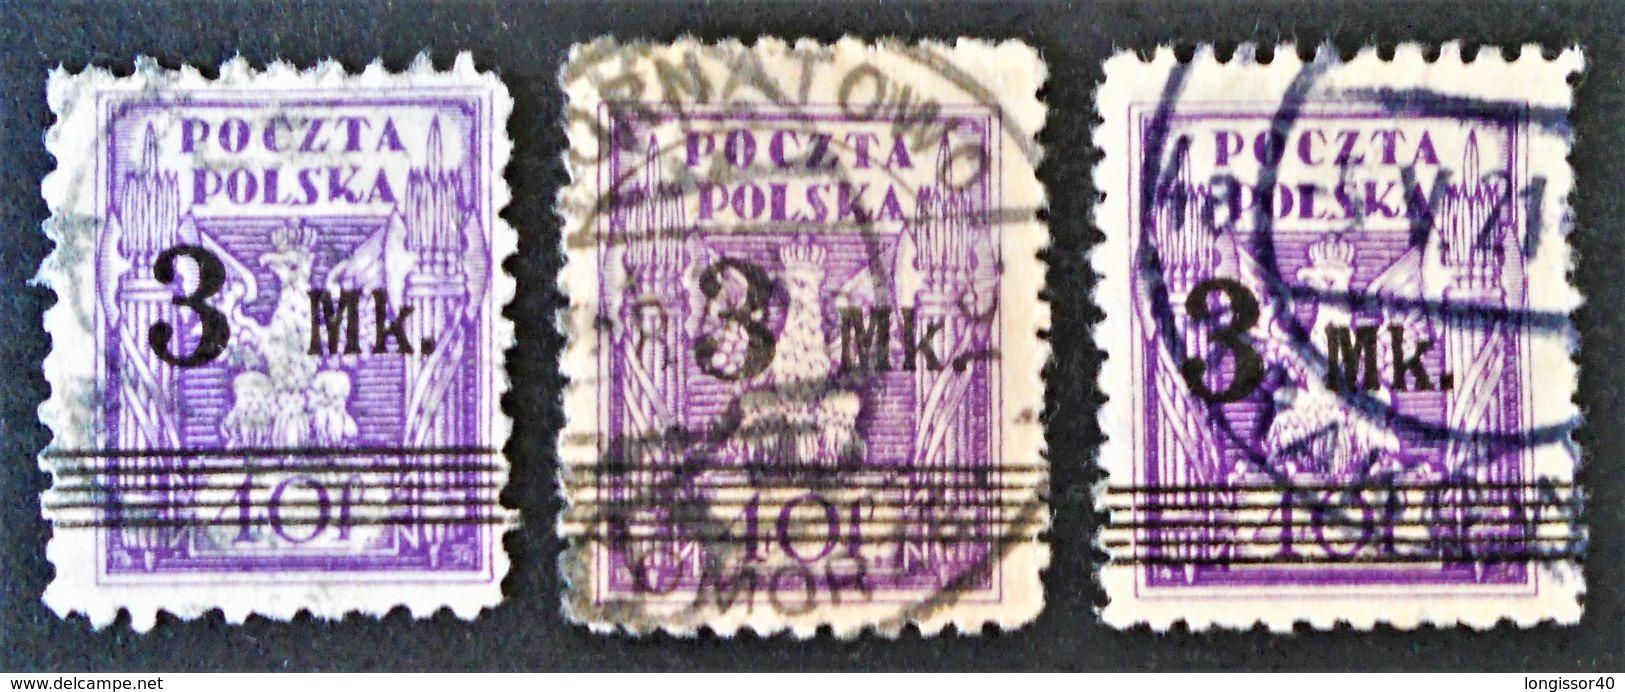 SURCHARGE 1921 - OBLITERES * - YT 230 - VARIETES DE TEINTES ET DE SURCHARGES - Gebraucht